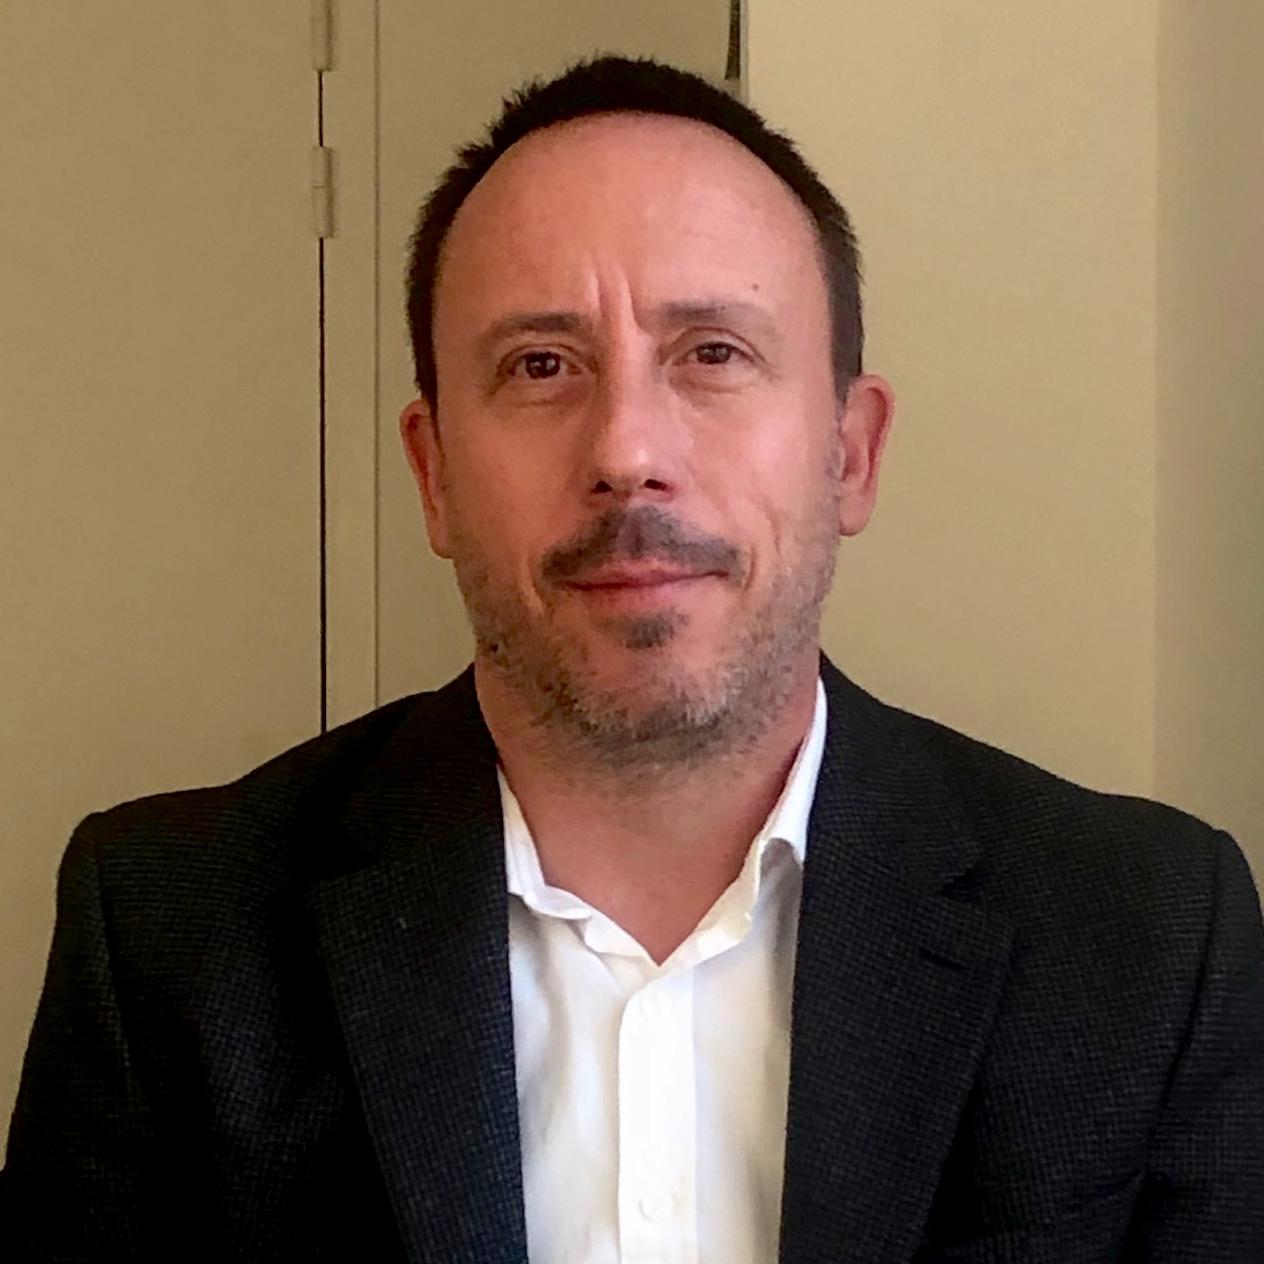 Marc Delcamp